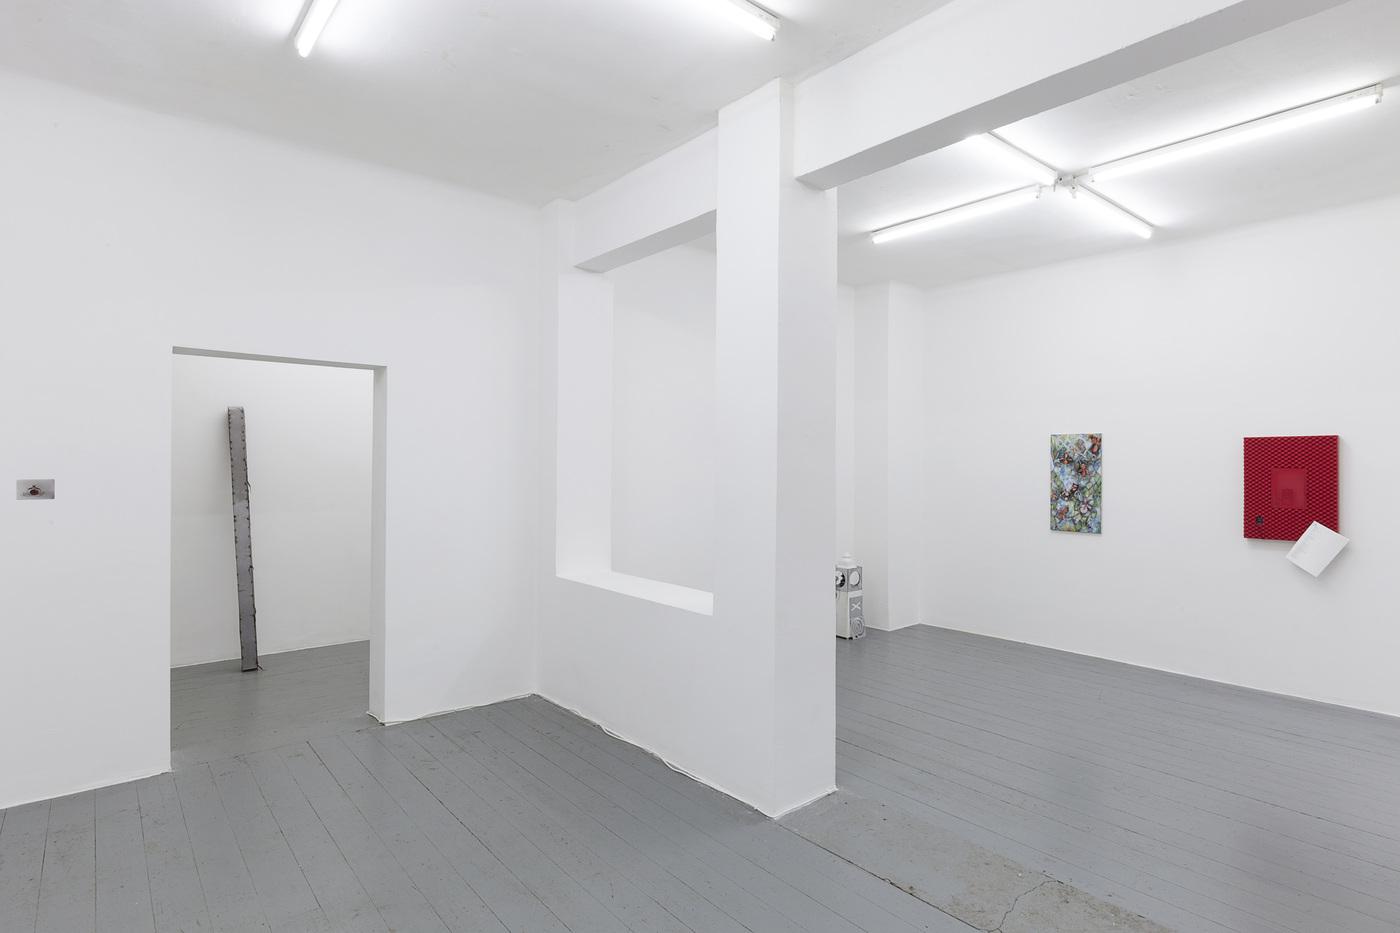 003_installation